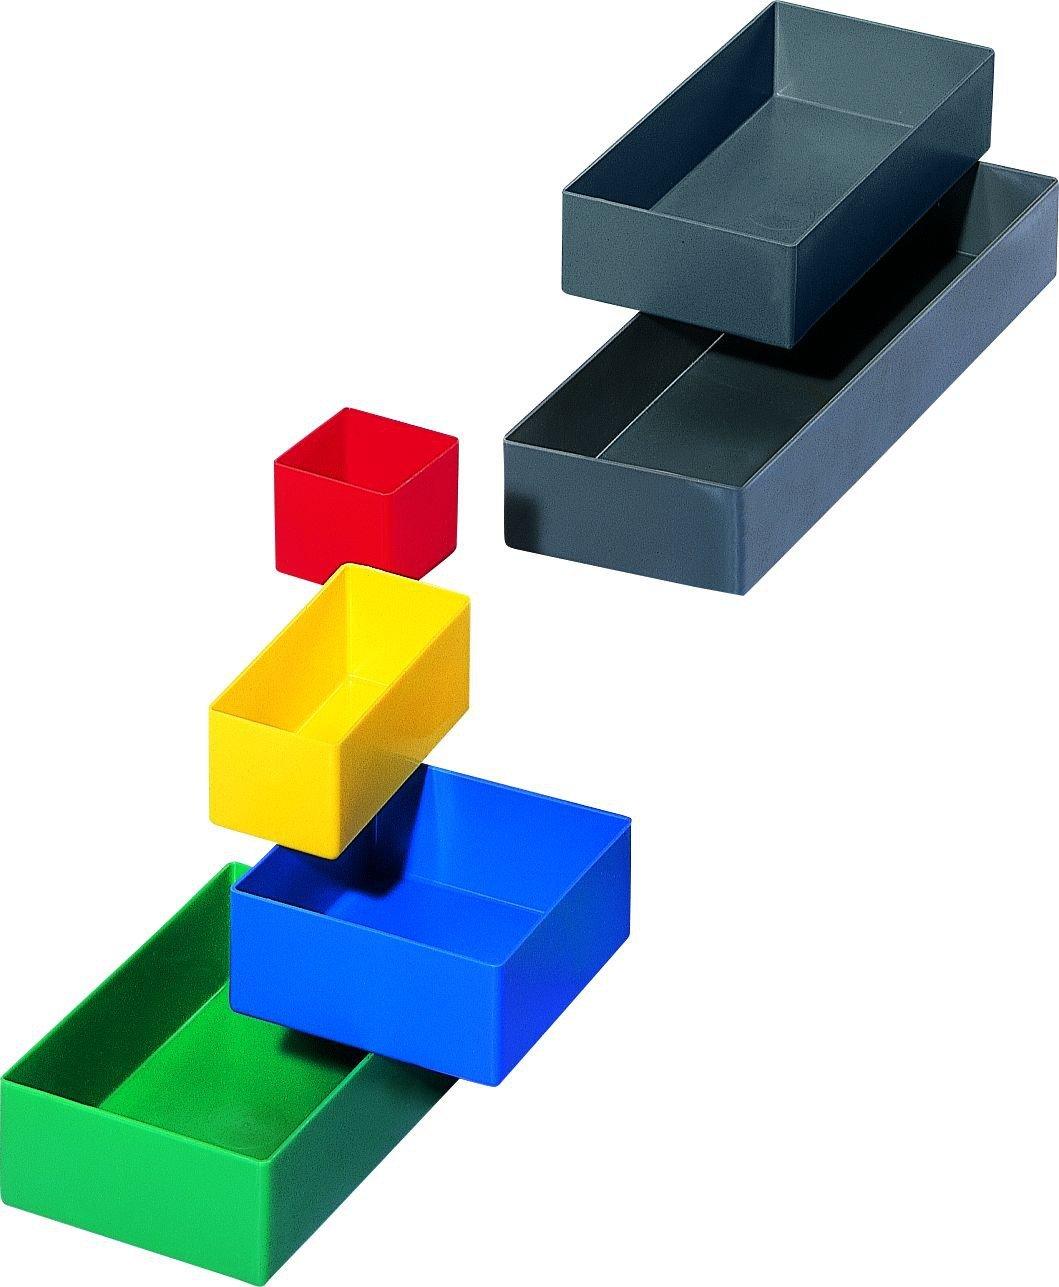 H/ünersdorff Insert de Coffret de Rangement 624400 162 x 108 x 63 mm Nombre de Compartiments: 1 1 pc s L x l x h